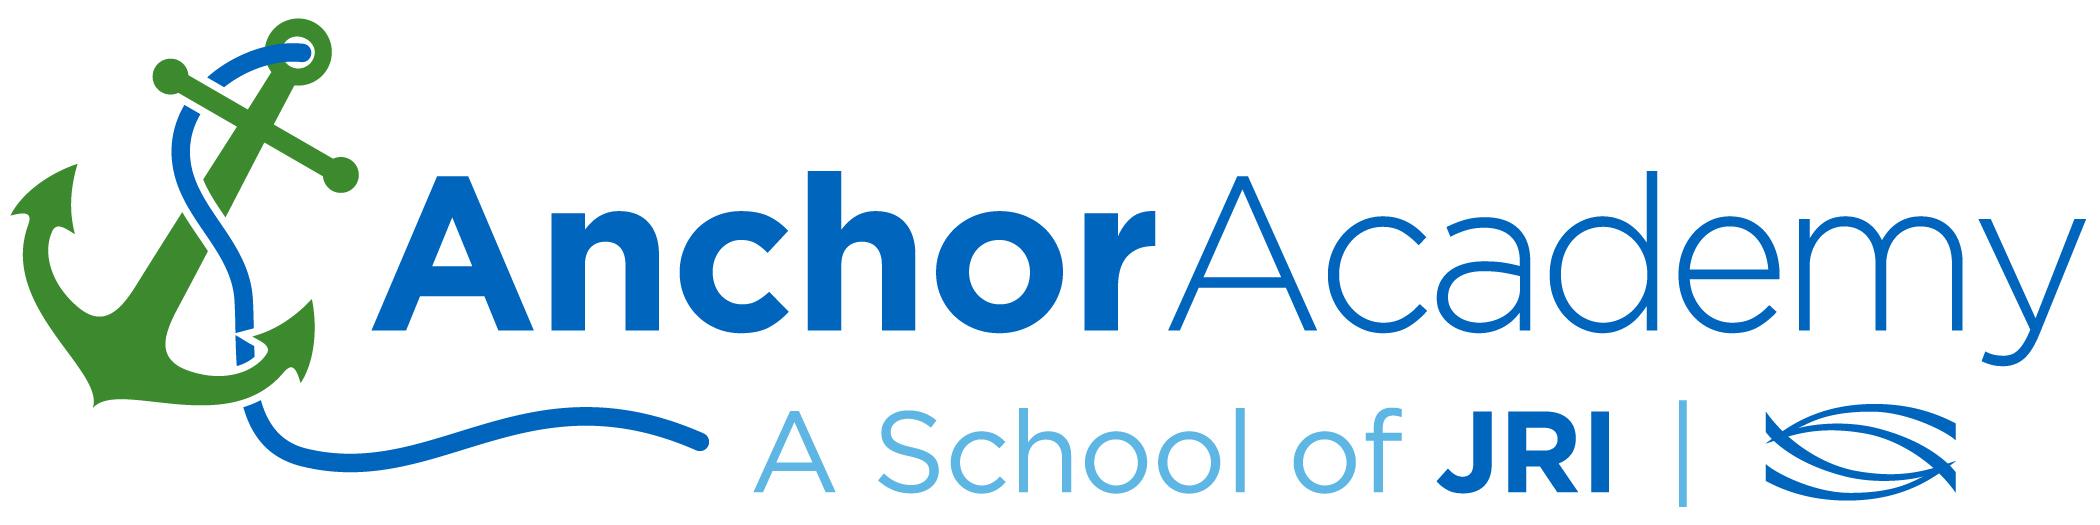 Classic anchoracademy logo tagline horiz rgb